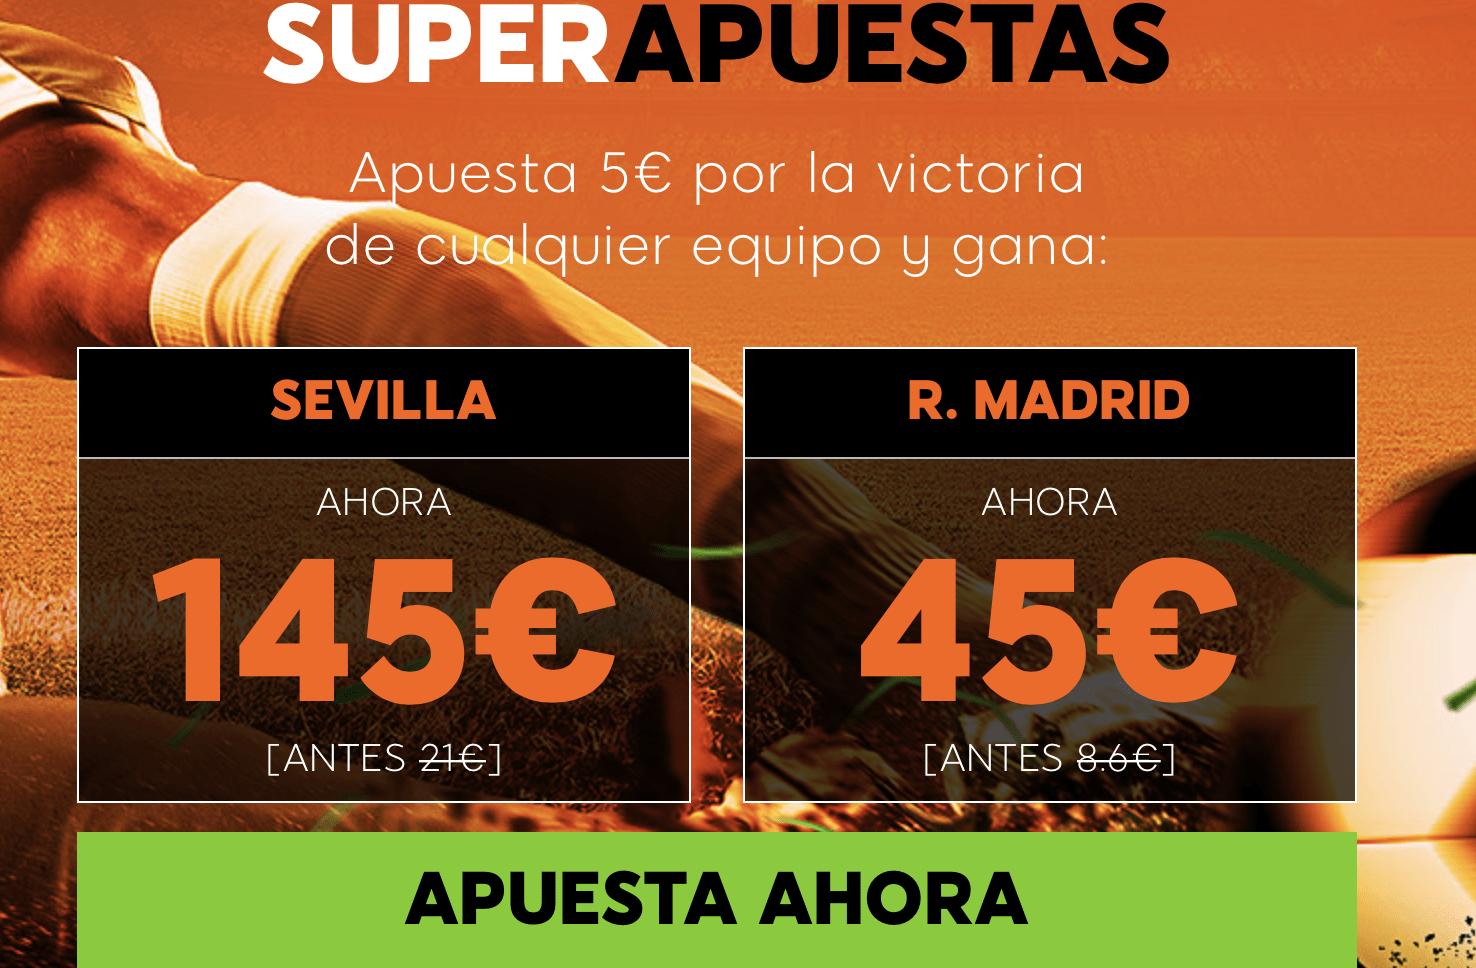 Supercuotas 888sport Sevilla - Real Madrid